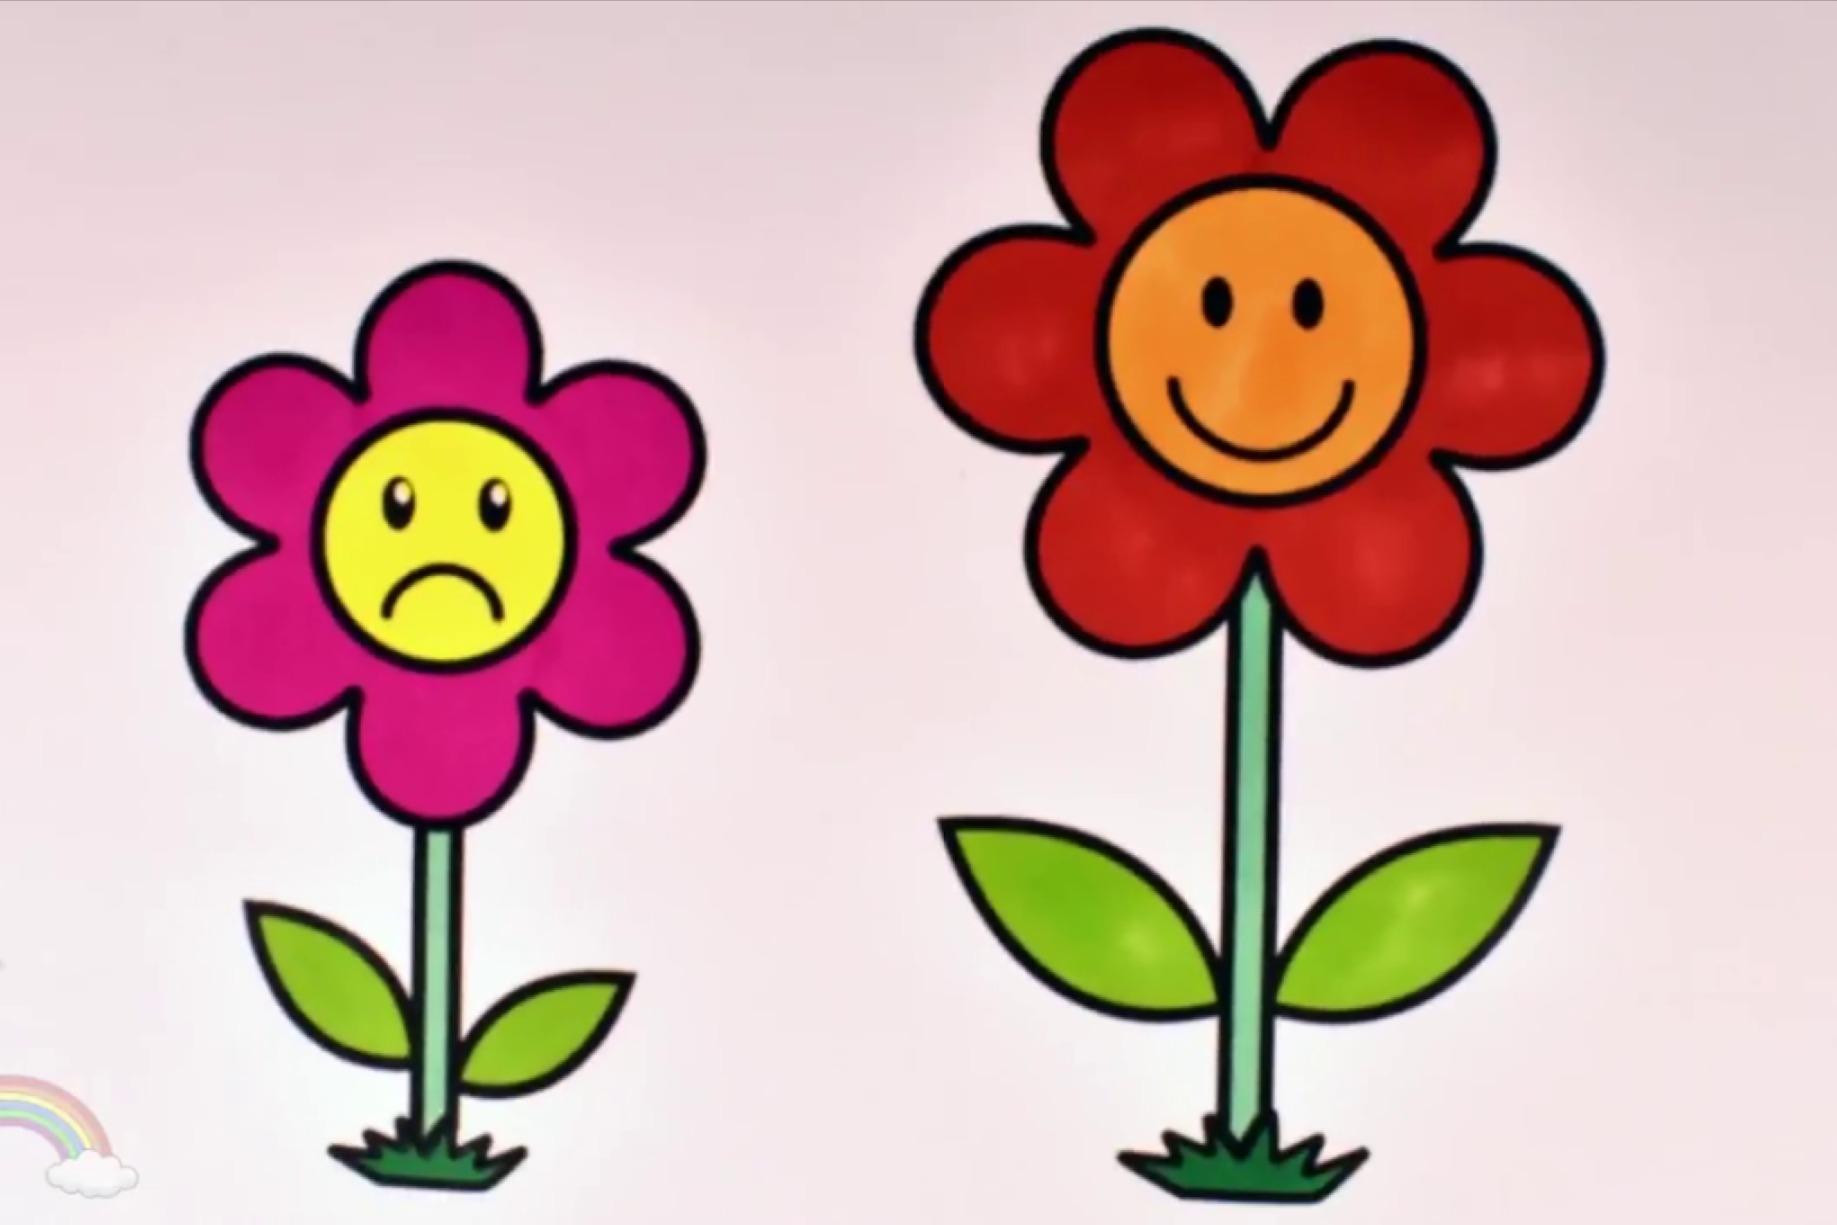 幼儿简笔画画法,亲子互动画花朵的开心和难过的表情并涂上颜色